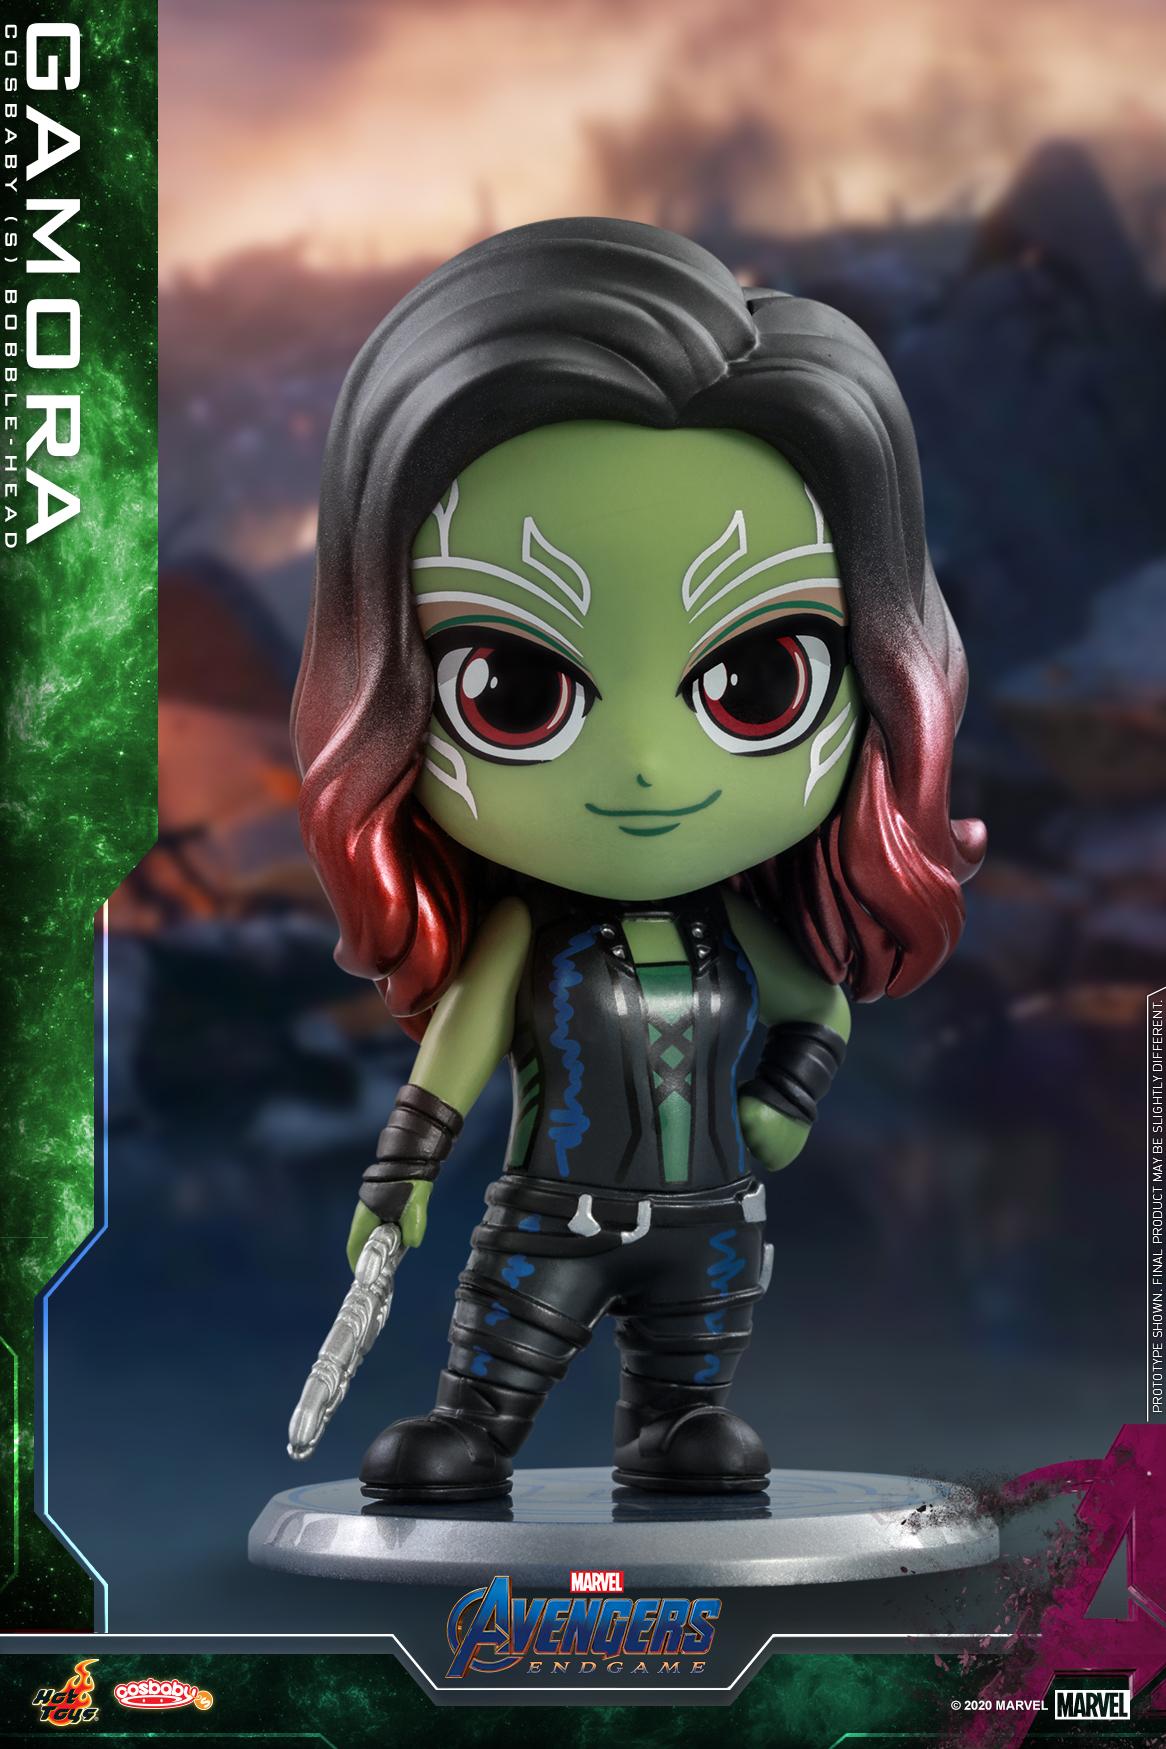 Hot Toys - Avengers Endgame - Gamora Cosbaby_PR1